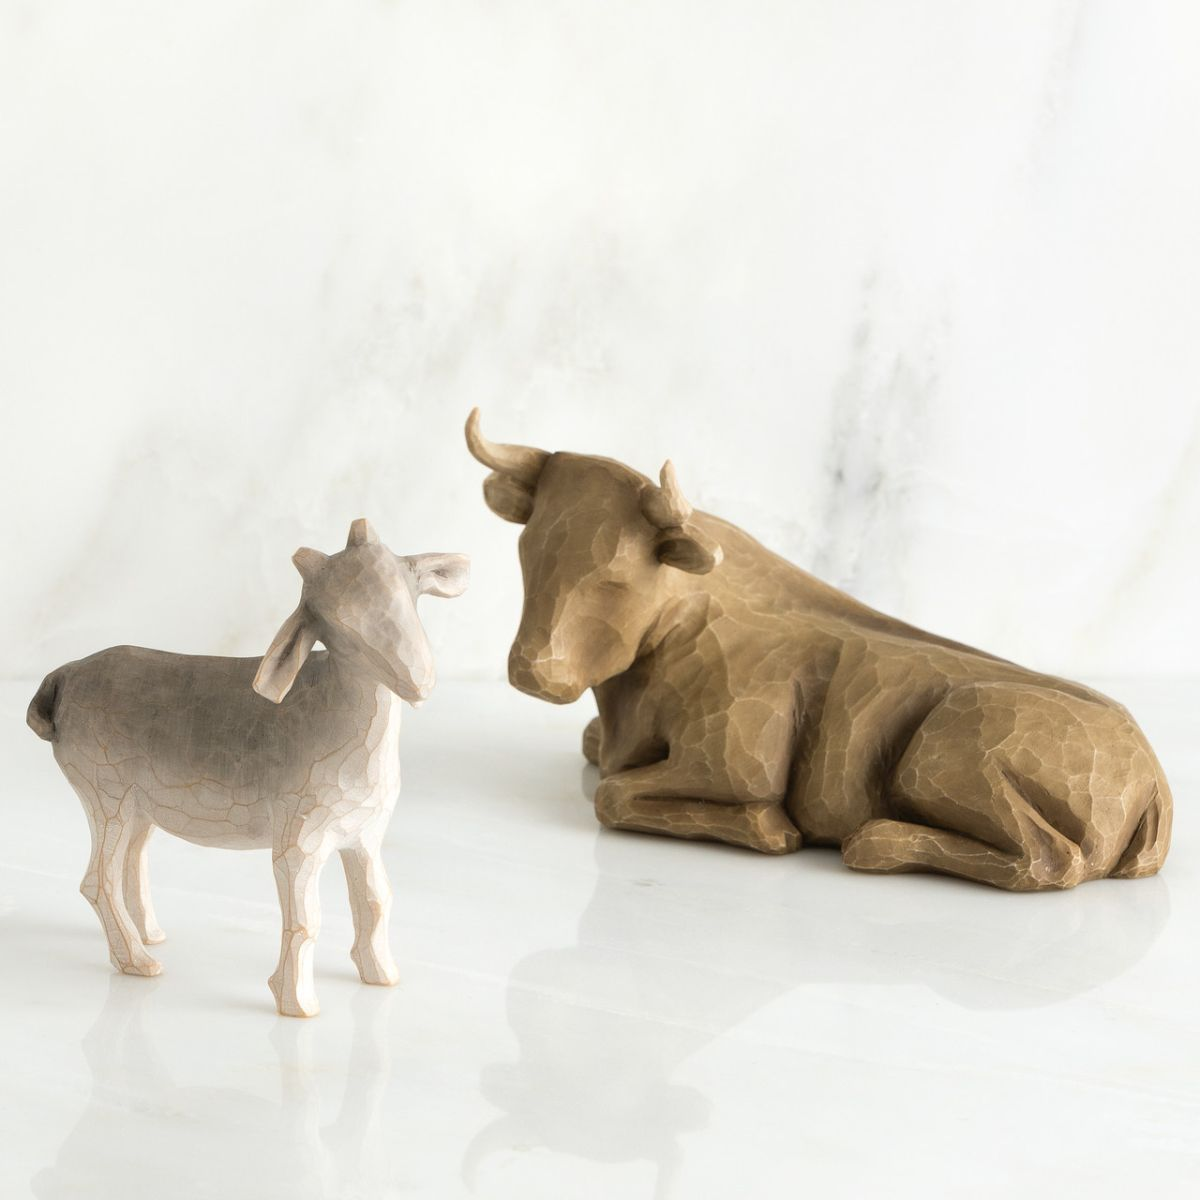 ウィローツリー  【Ox and Goat】 - 雄牛と山羊